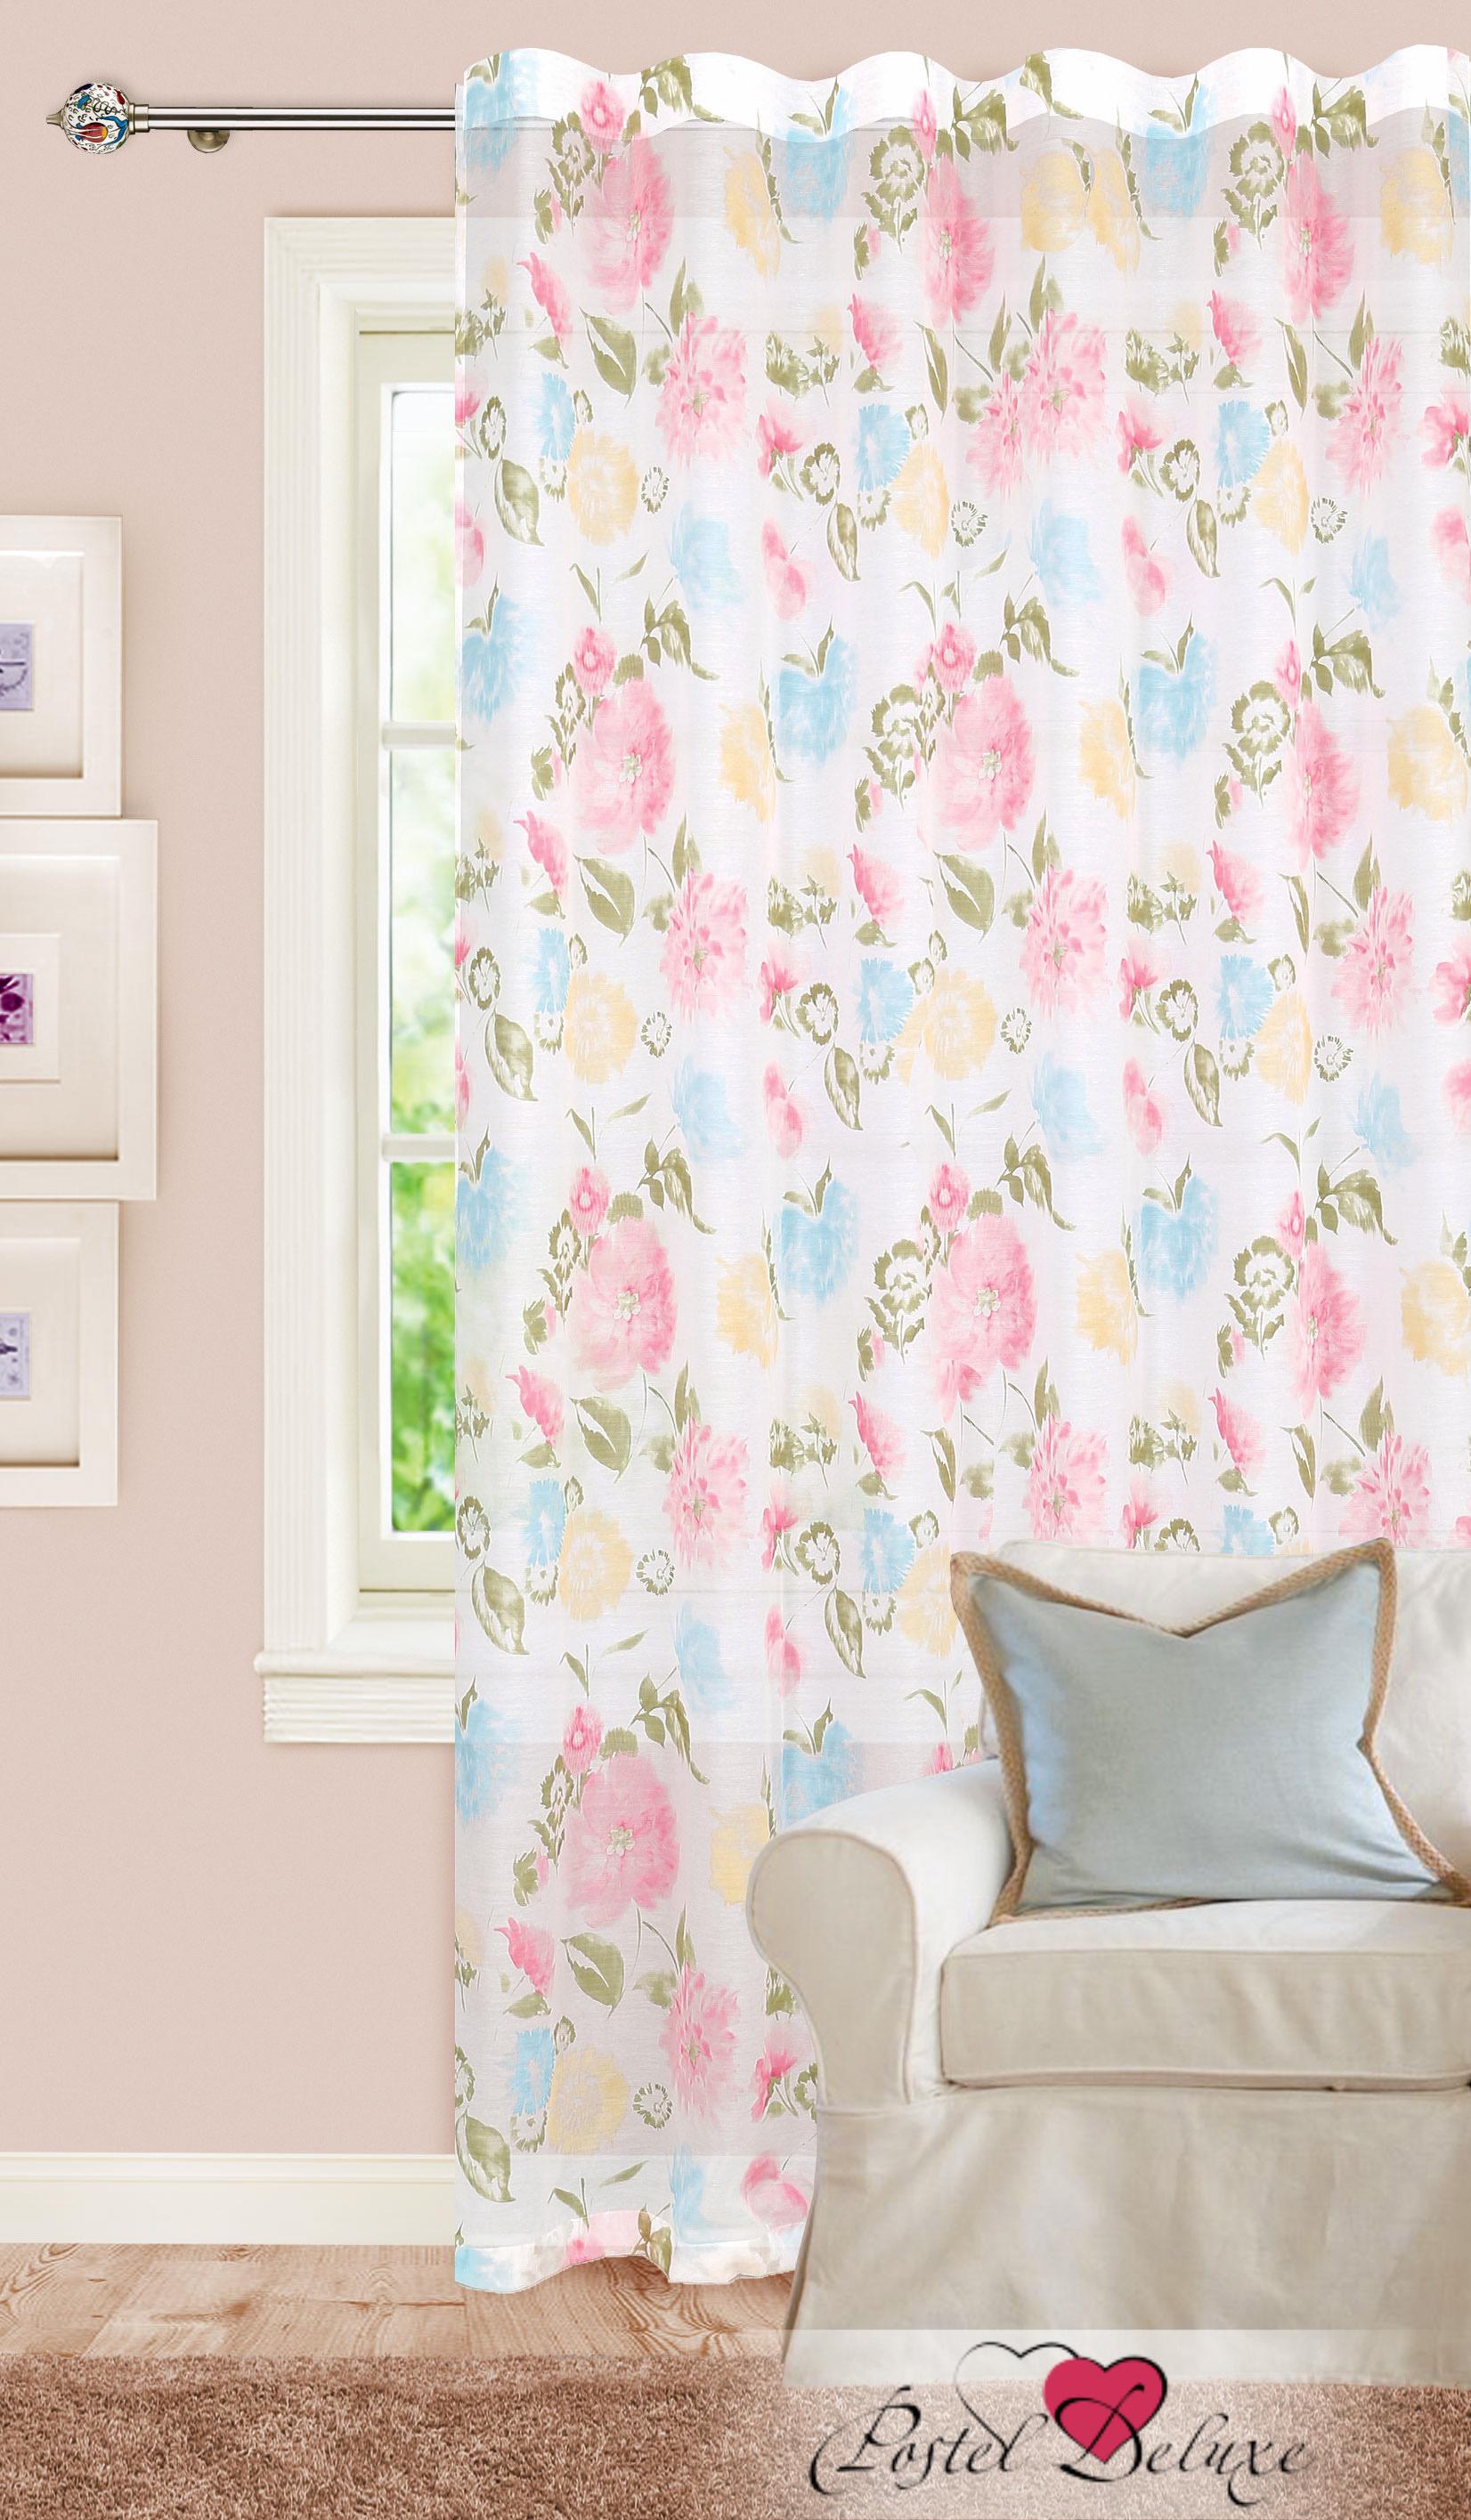 Купить Шторы Garden, Классические шторы Anabelle Цвет: Розовый, Голубой, Персиковый, Турция, Батист